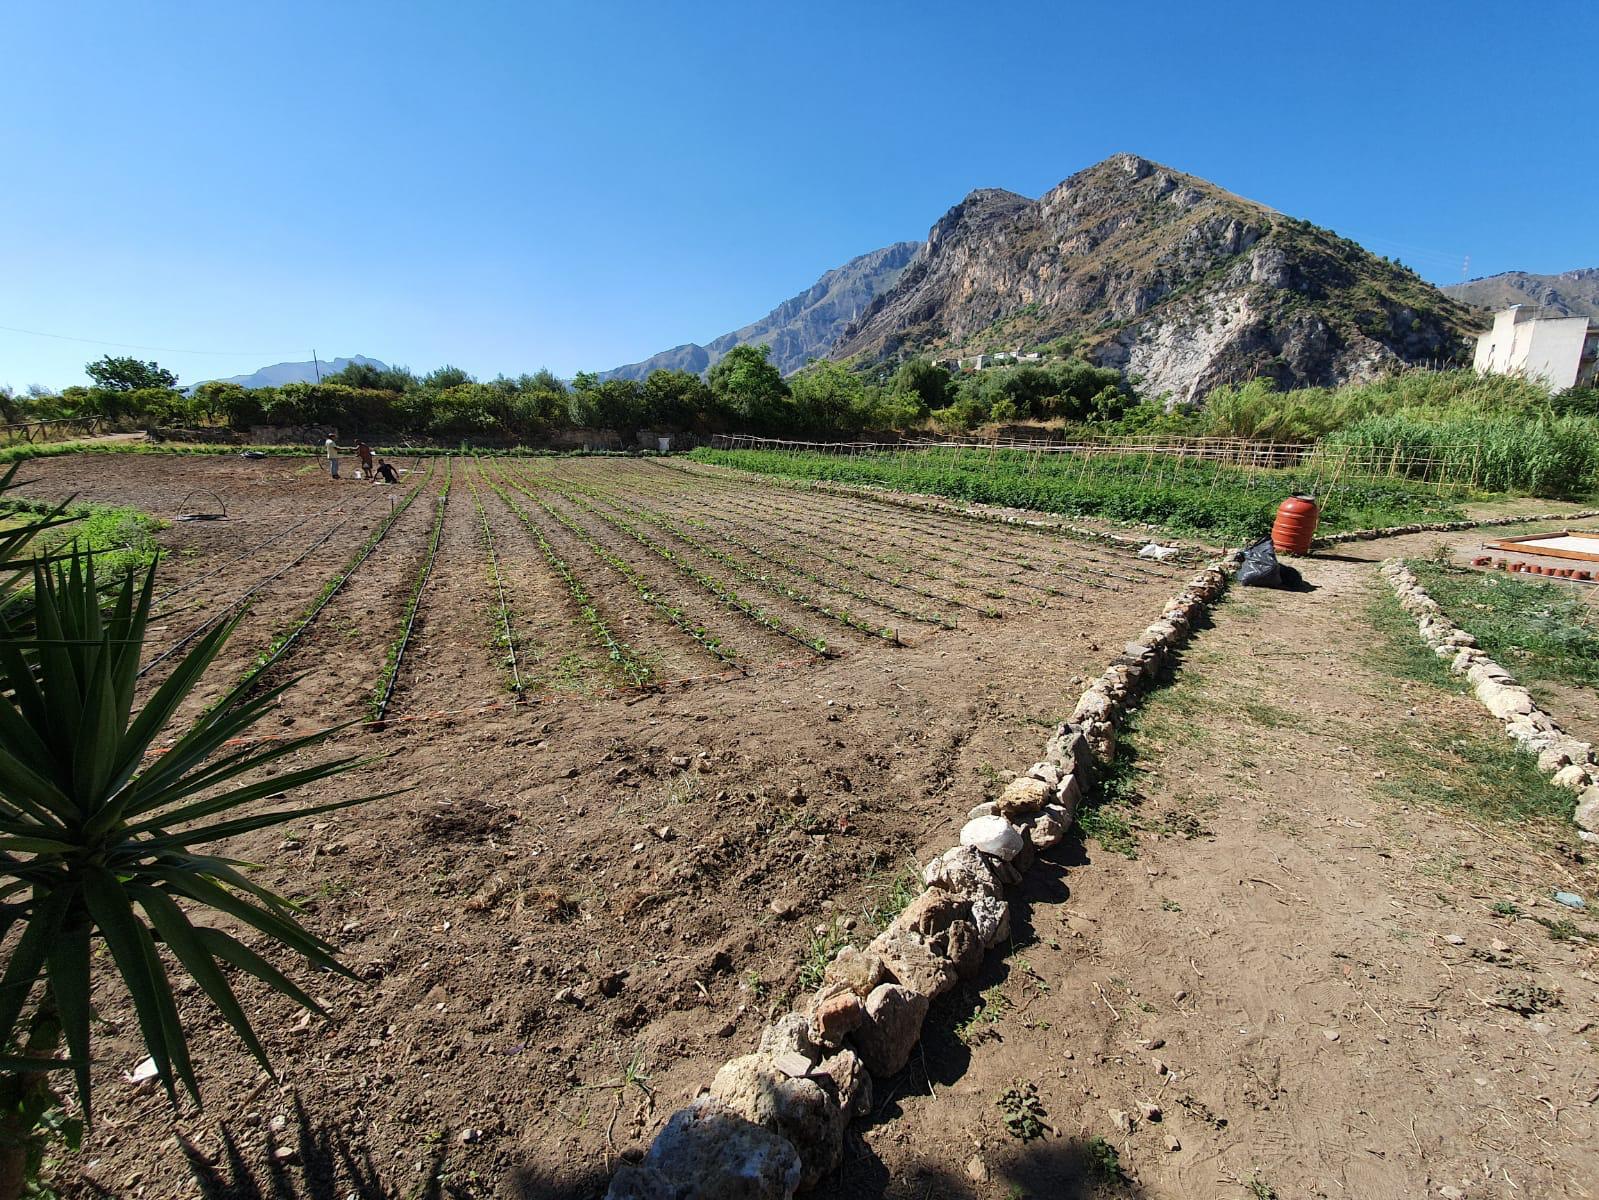 Il ruolo dei Beni Sociali e Culturali per lo sviluppo del territorio e  la valorizzazione del Parco antico di Maredolce, un seminario a Palermo